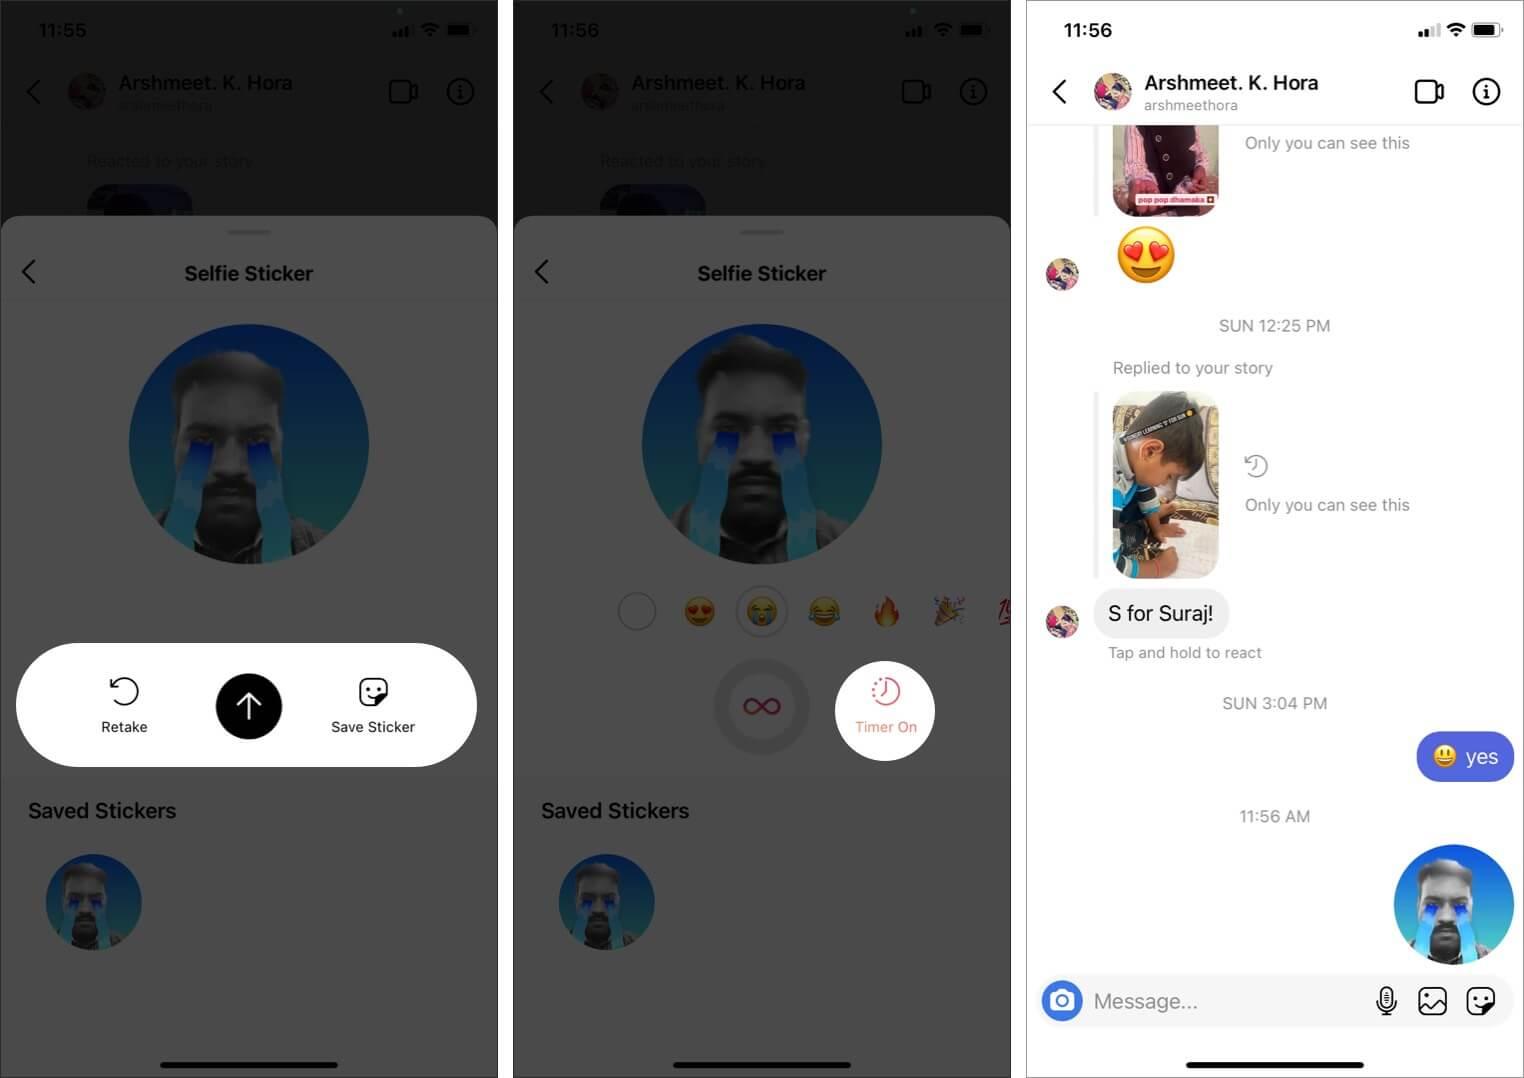 Send Selfie Stickers in Instagram DM on iPhone